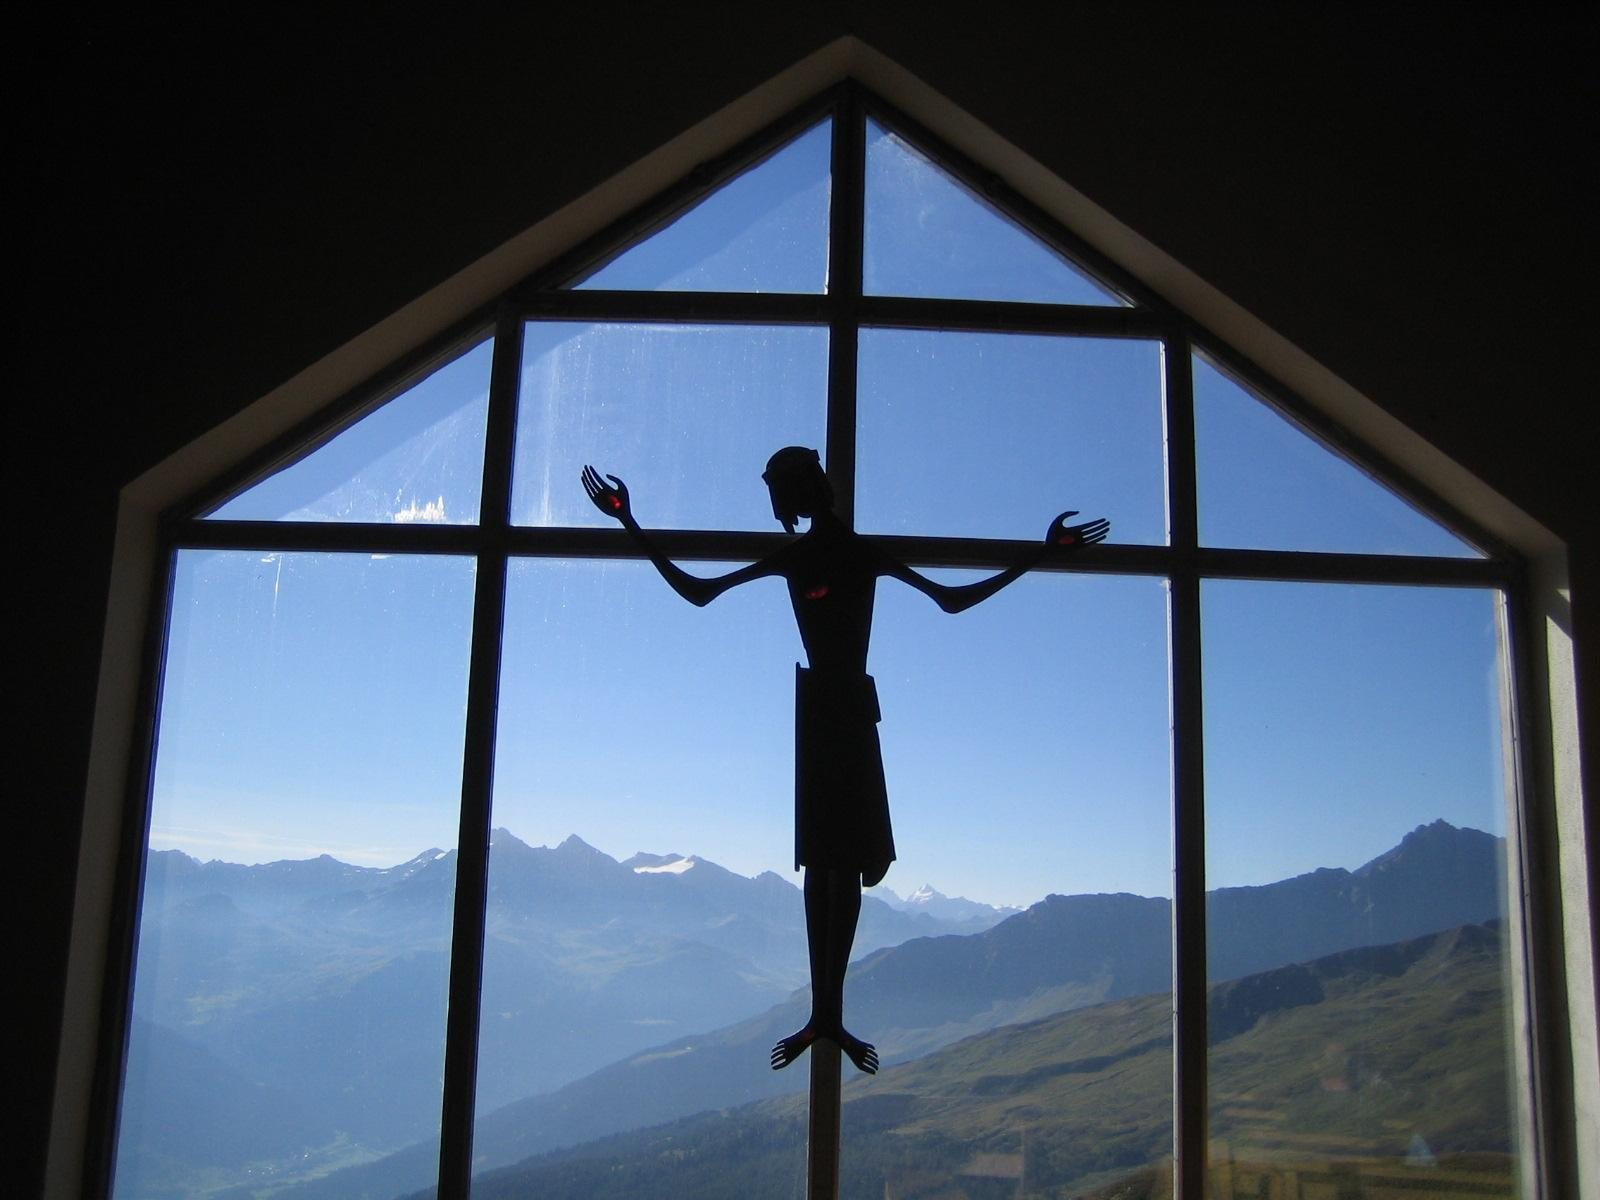 La Peregrinación más Alta de Europa: Santa María Madre de Ziteil, Suiza (26 jun y 16 jul)